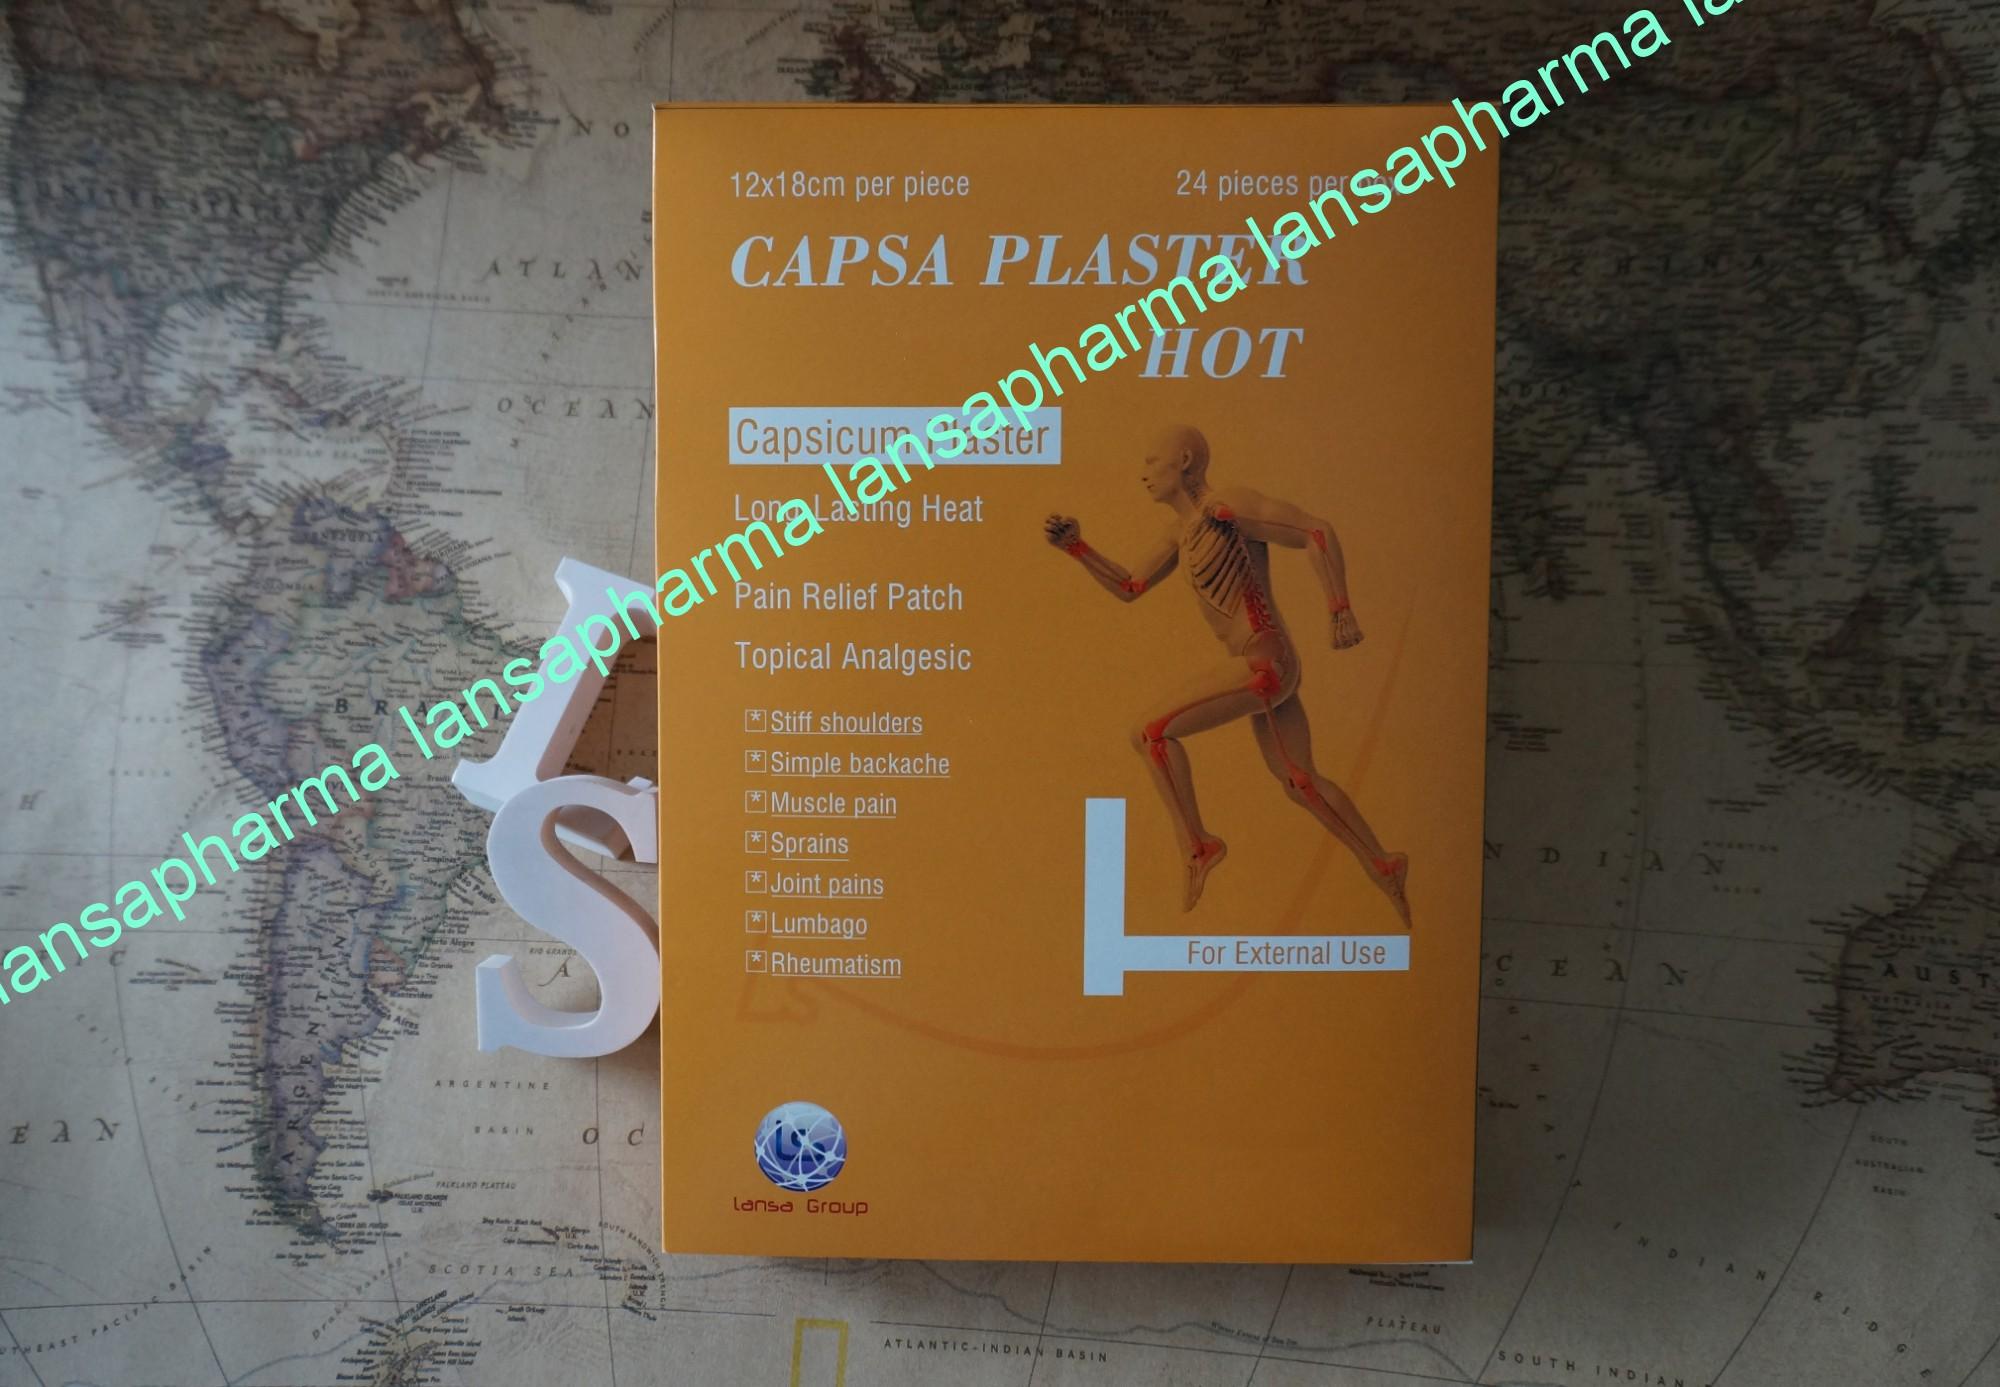 capsa plaster hot